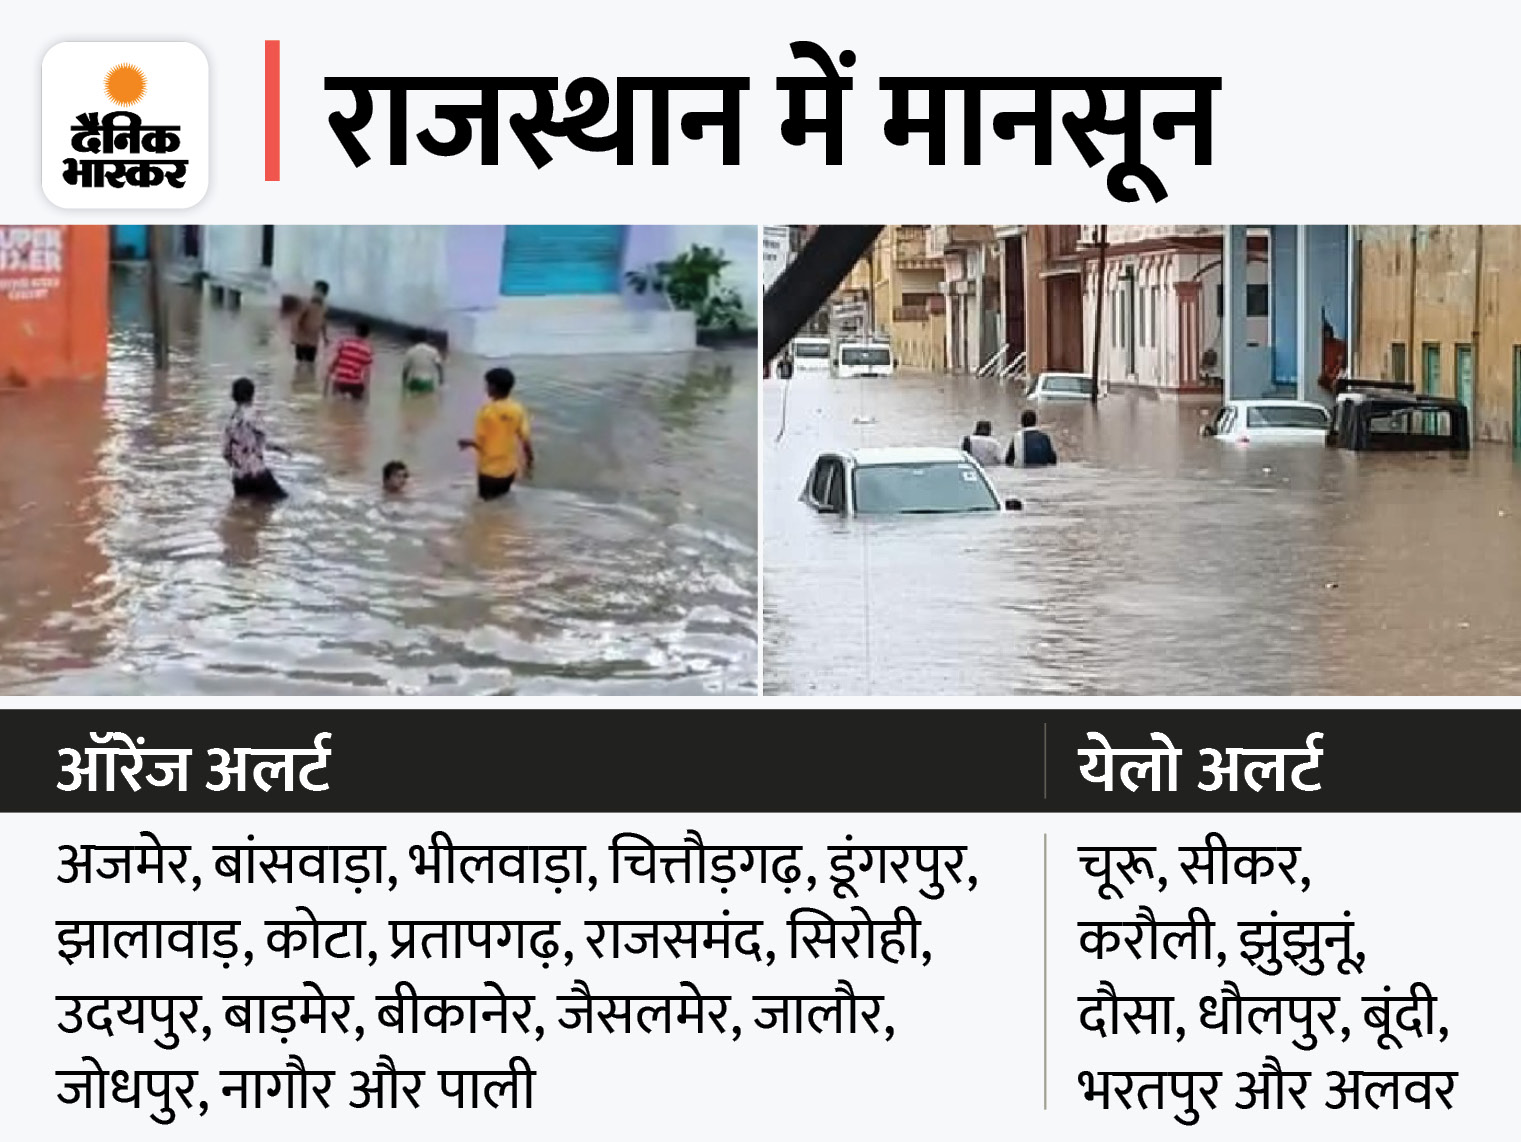 उदयपुर, कोटा, जोधपुर और अजमेर संभाग के लिए चेतावनी जारी; 4 इंच तक हो सकती है बारिश|जयपुर,Jaipur - Dainik Bhaskar